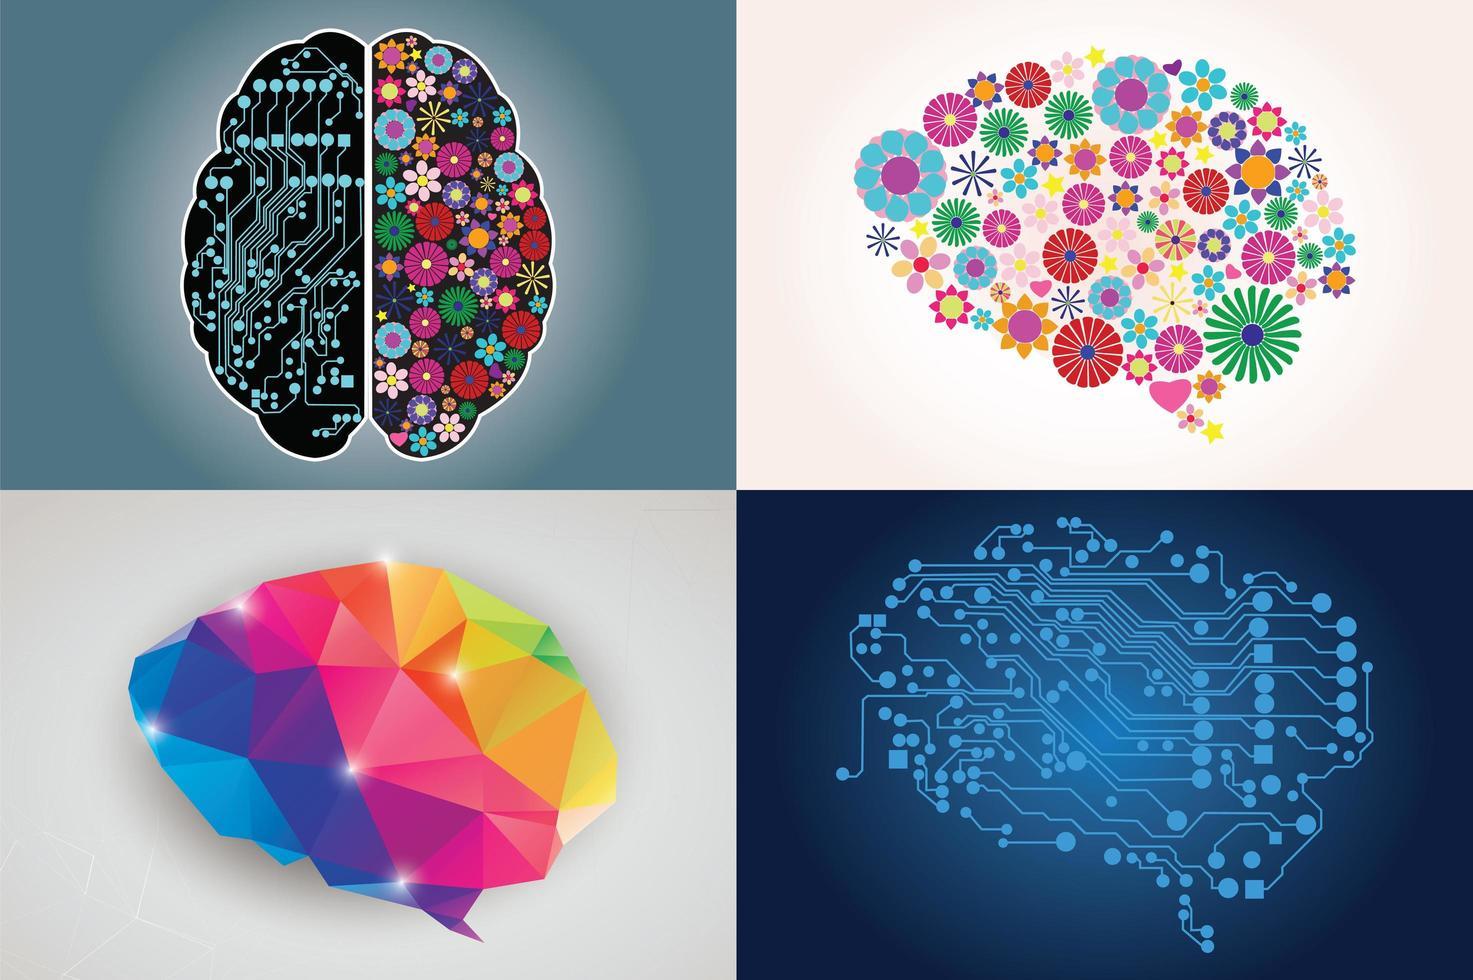 colecciones de cuatro cerebros humanos diferentes, lado izquierdo y derecho, creatividad y lógica vector